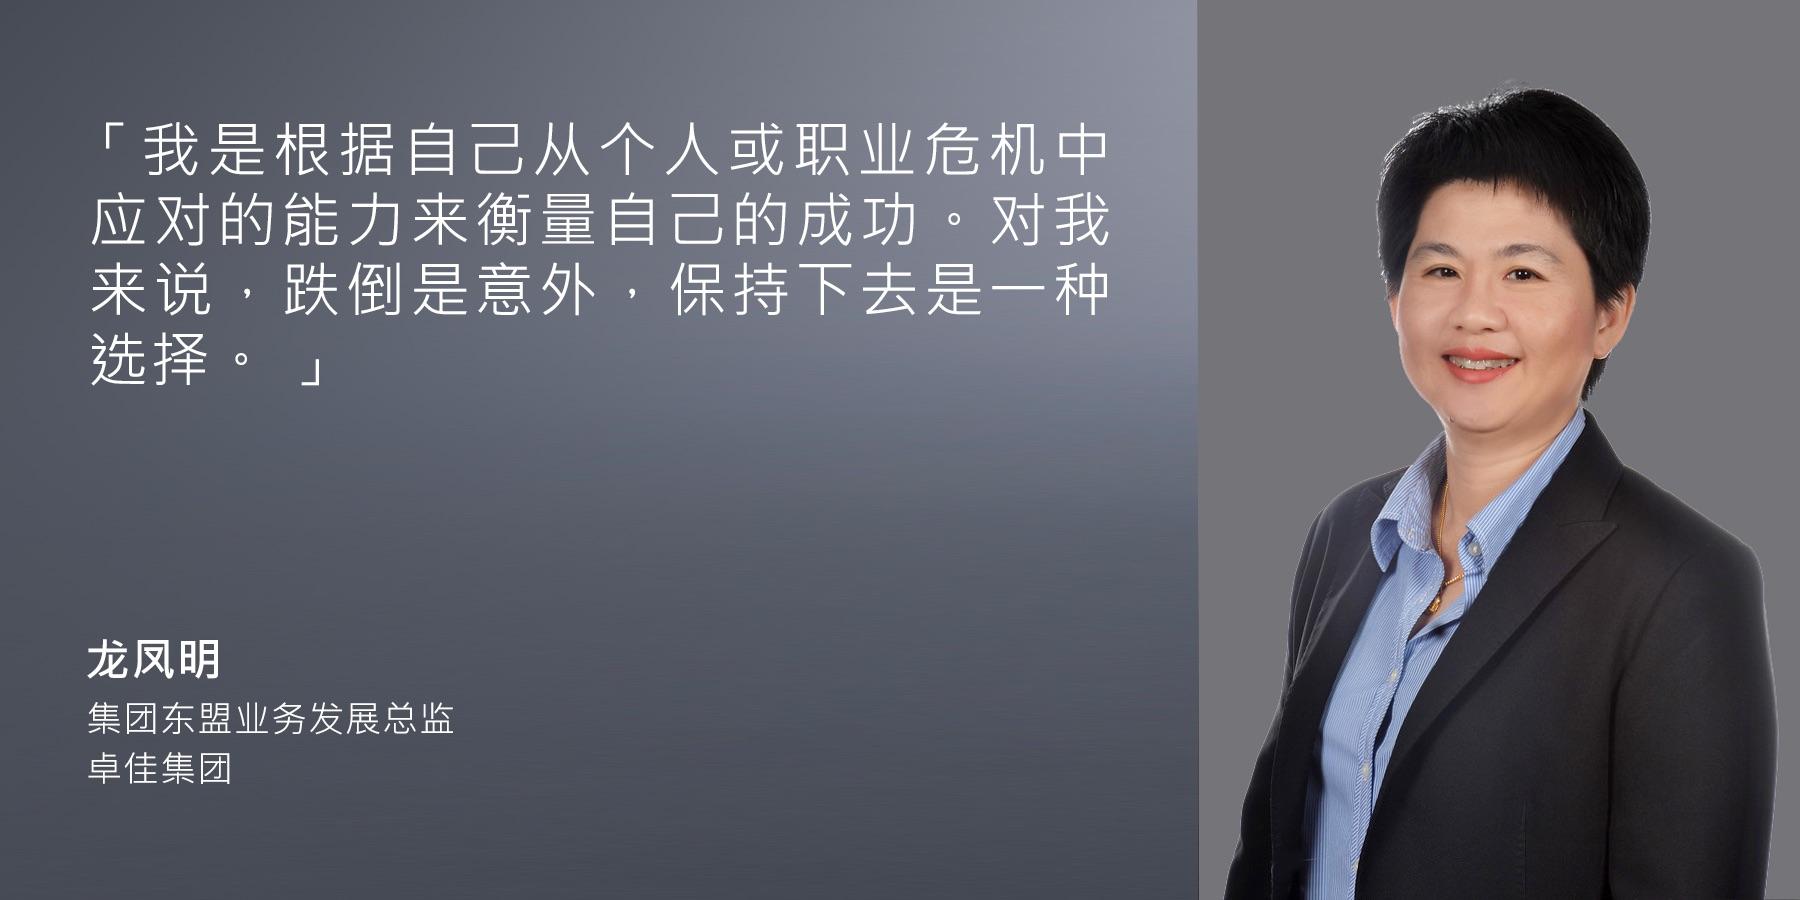 龙凤明 - 集团东盟业务发展总监(卓佳集团)